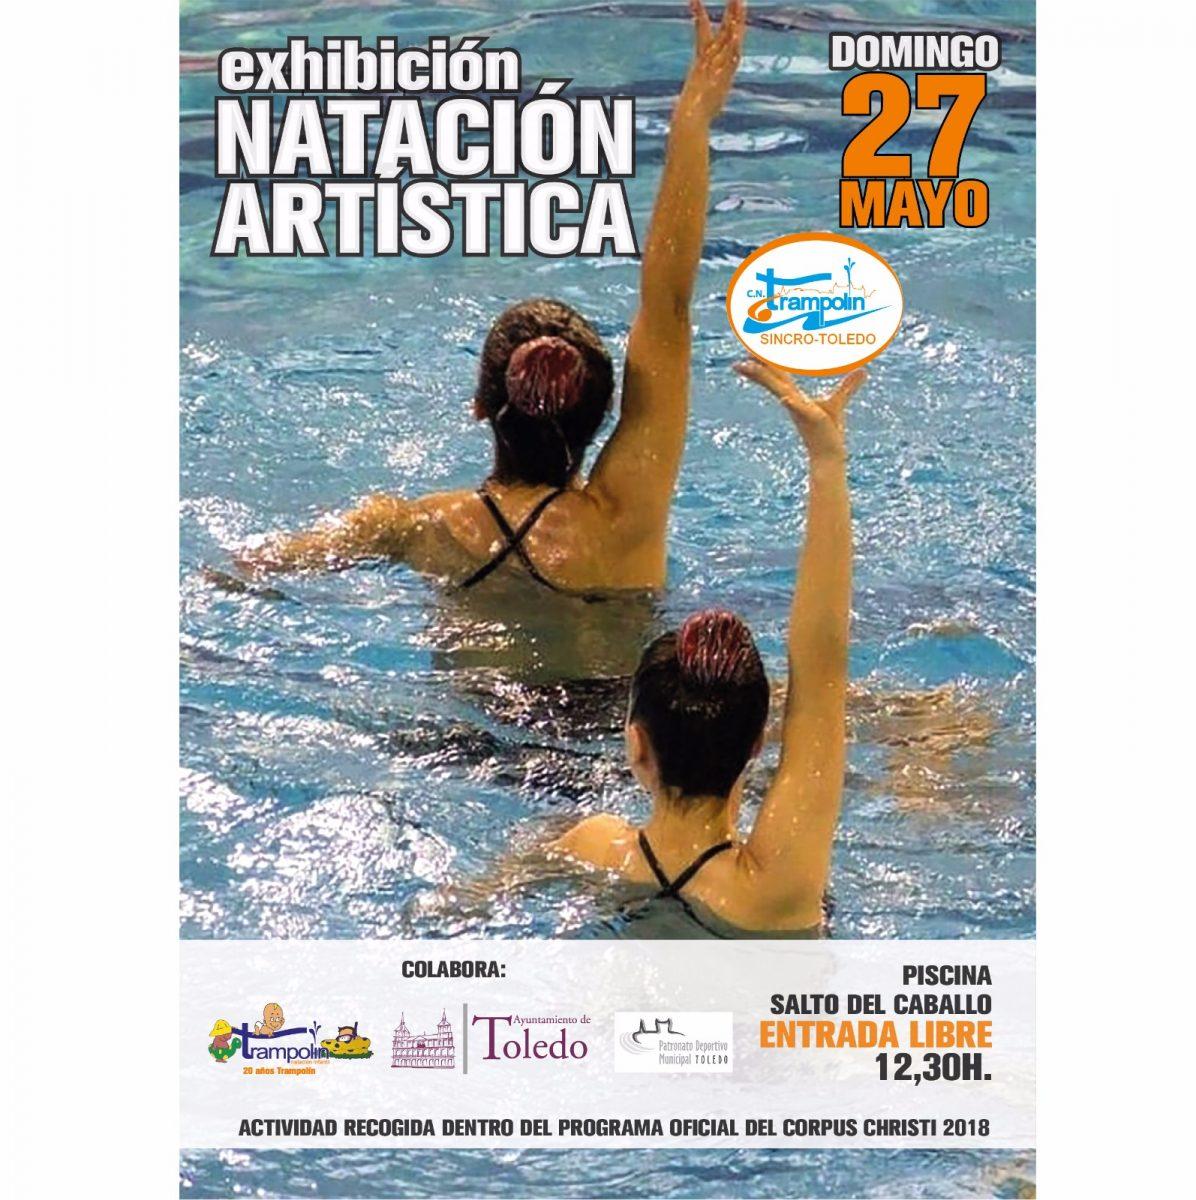 https://www.toledo.es/wp-content/uploads/2018/05/natacion-artistica-1196x1200.jpg. Exhibición de Natación Artística